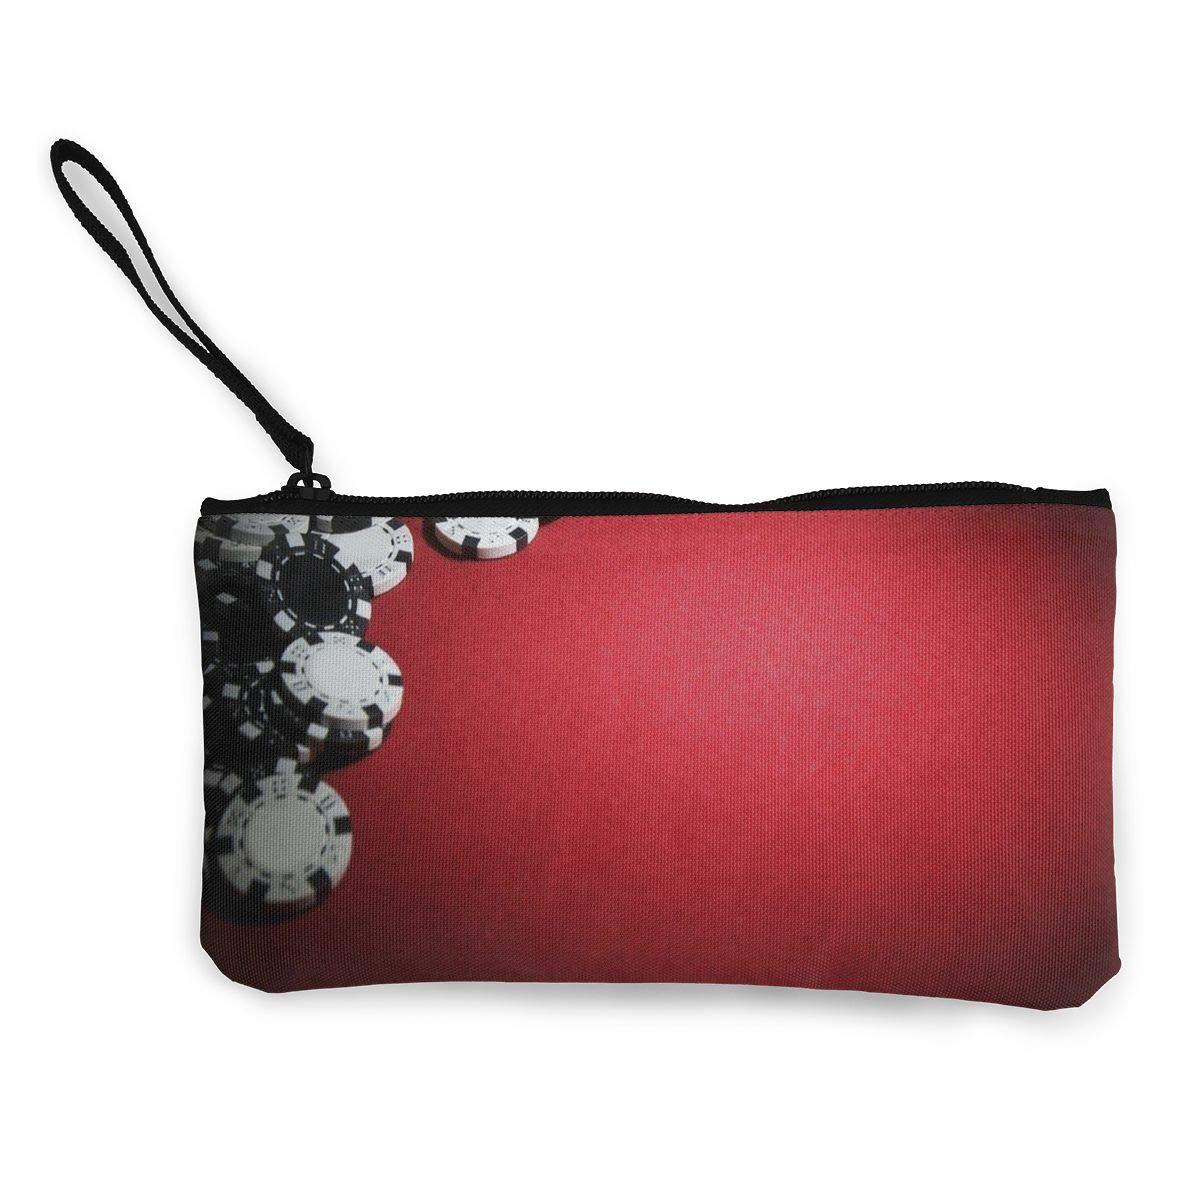 小銭入れ ヤシの木 ファニー レディース ジップ キャンバス 財布 トラベル デザイナーバッグ 4.5